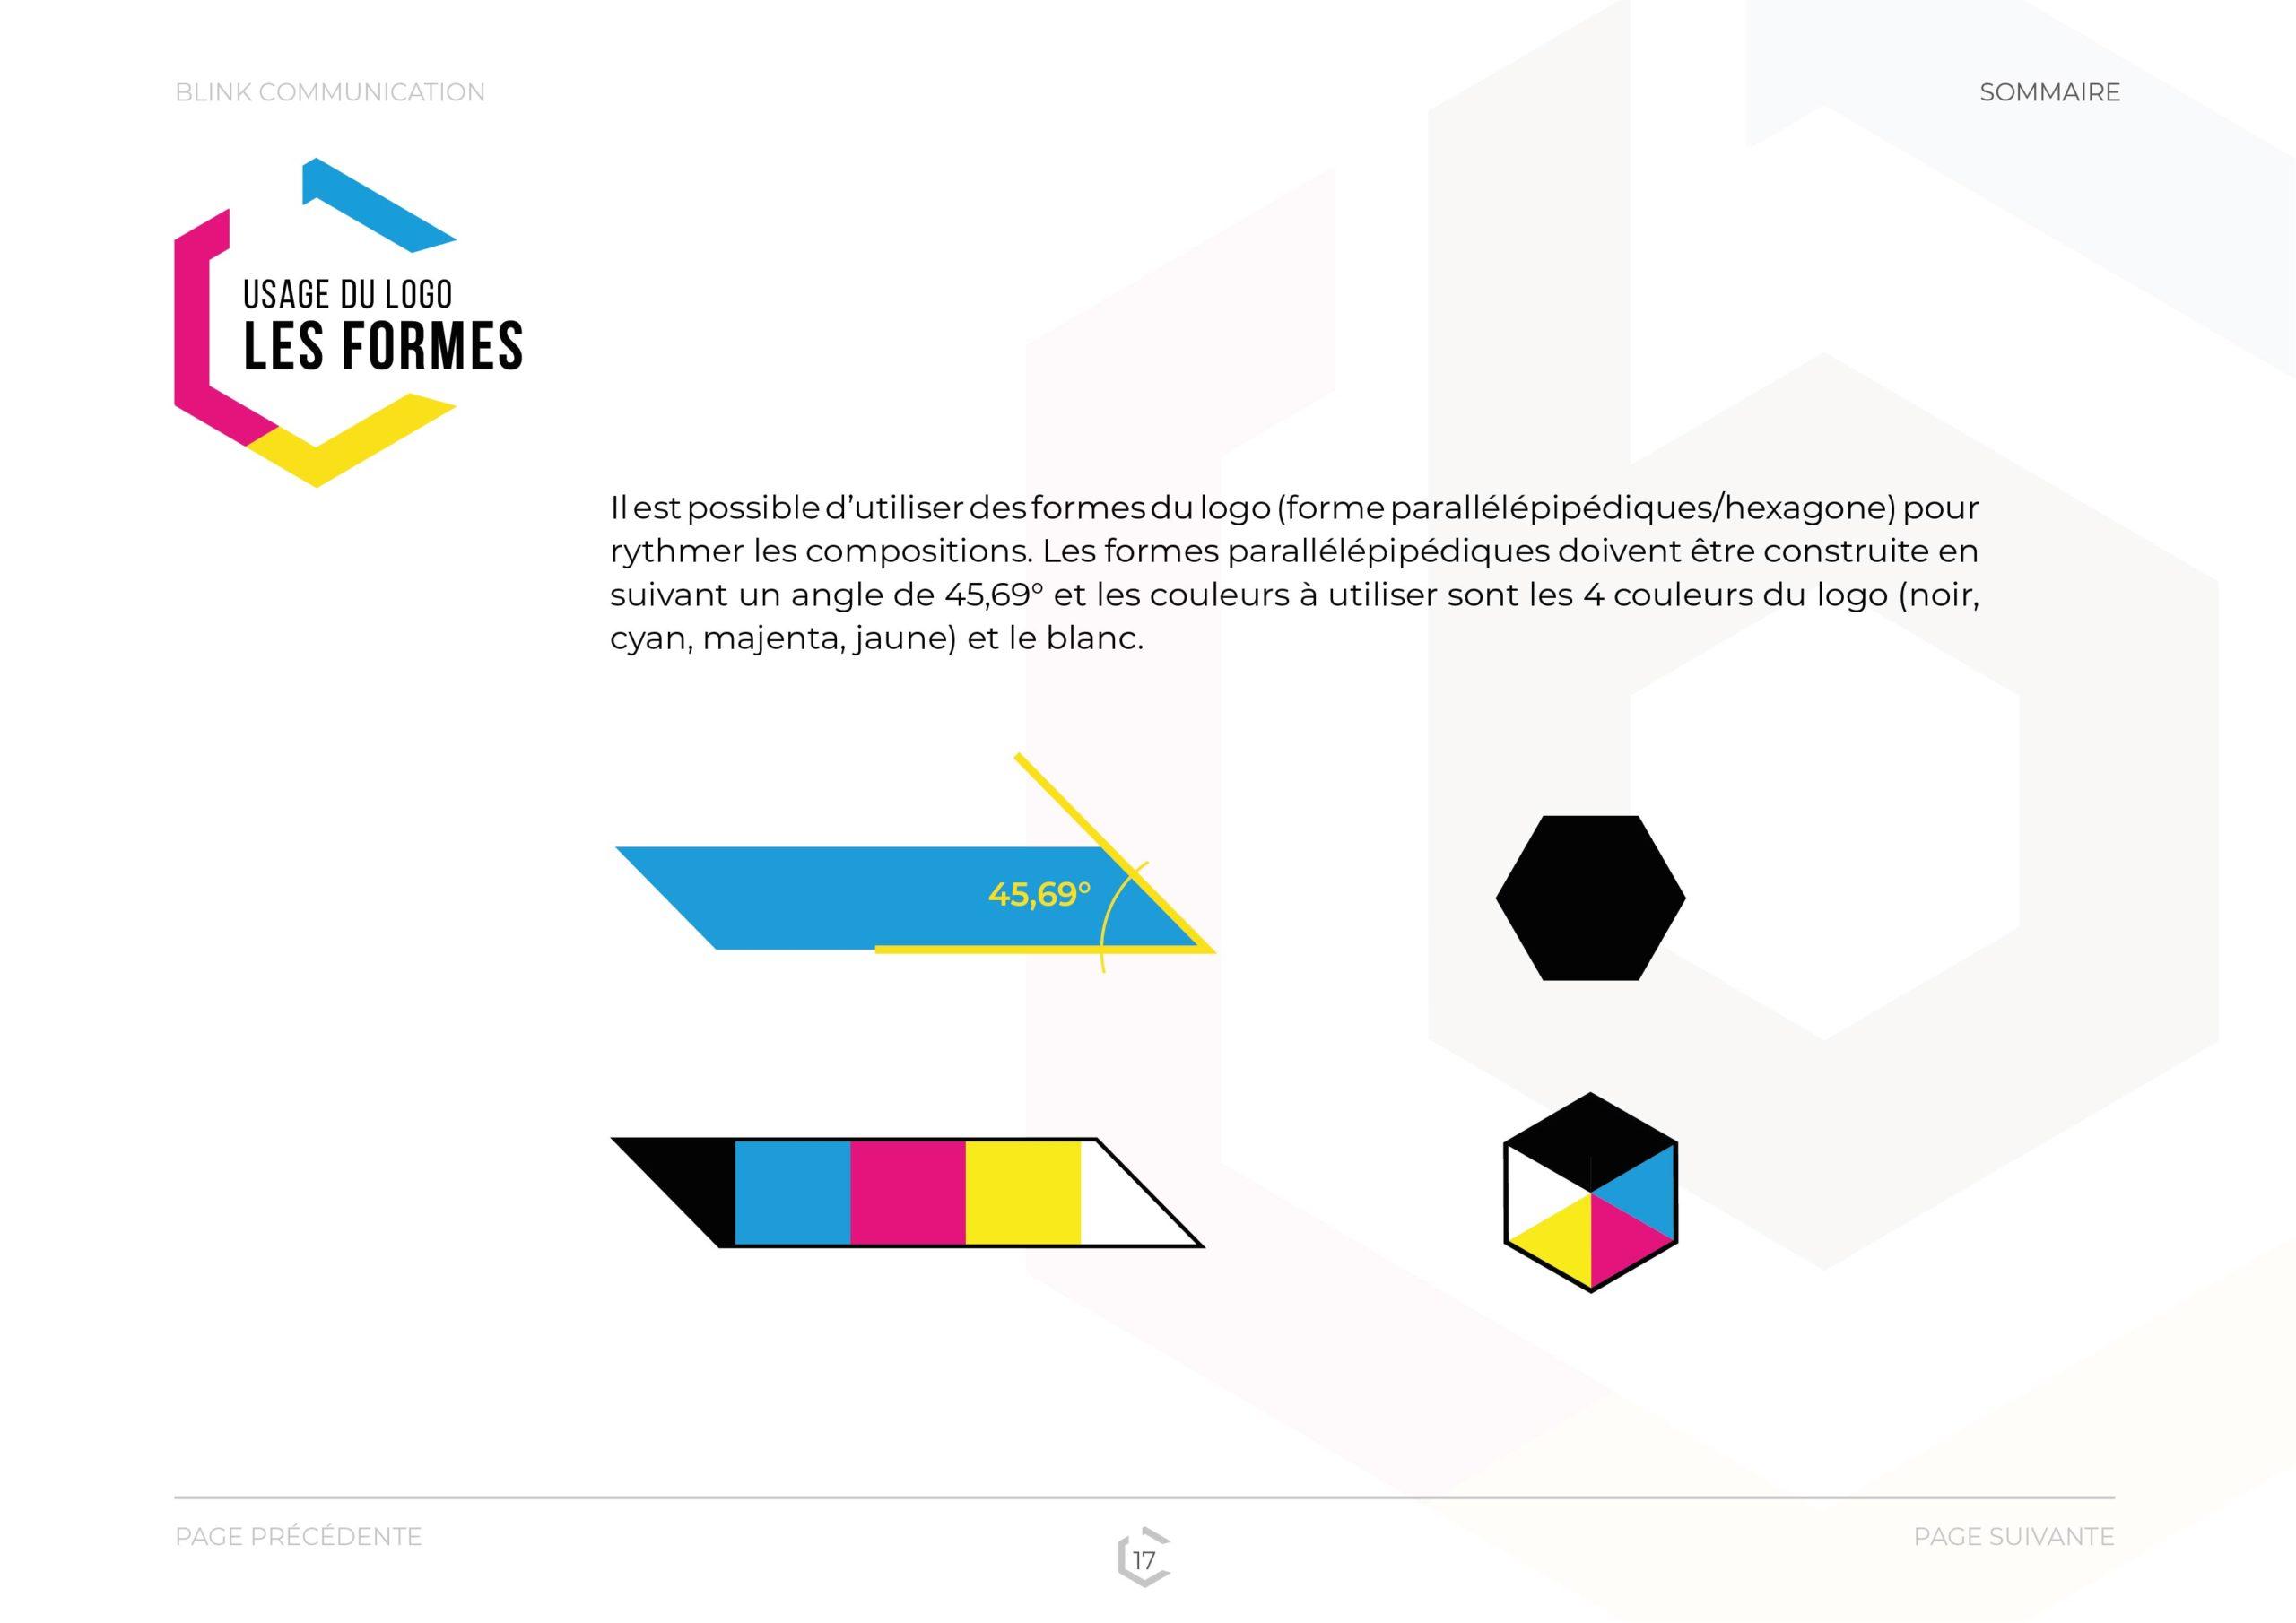 CG - Les formes